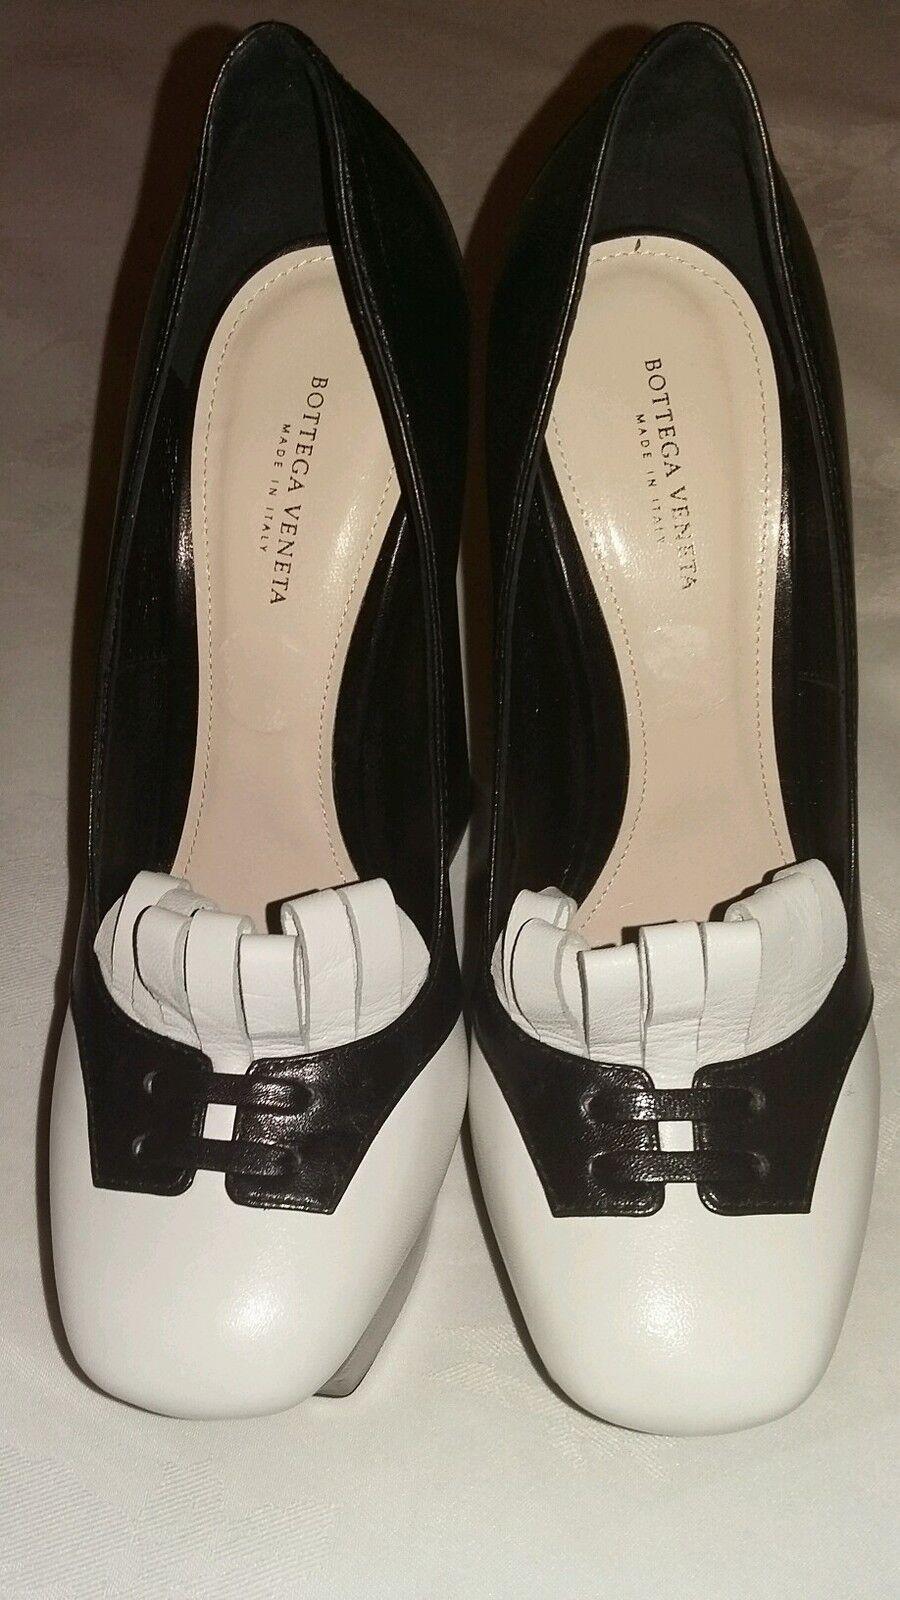 Bottega VENETA negro Bombas Tacones Zapatos Zapatos Zapatos Talla 4 UK, EU 37 Nuevo PVP - 4ee96e